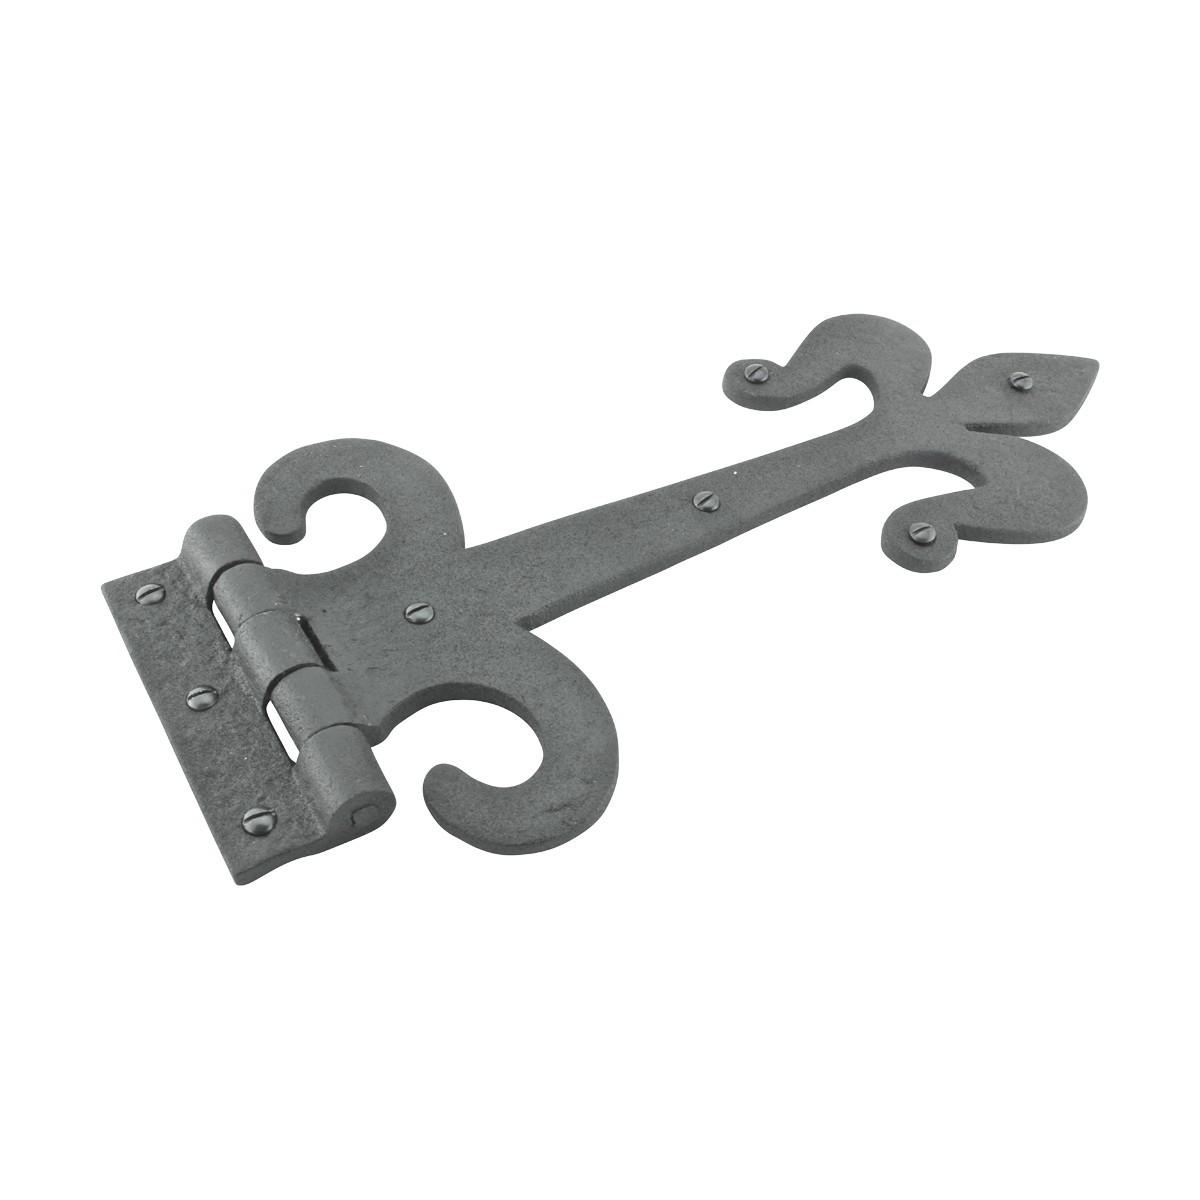 Black Iron Door Strap Hinge 12 Inch Set Of 4 Door Hinges Black Iron Strap Hinge heavy duty strap hinges